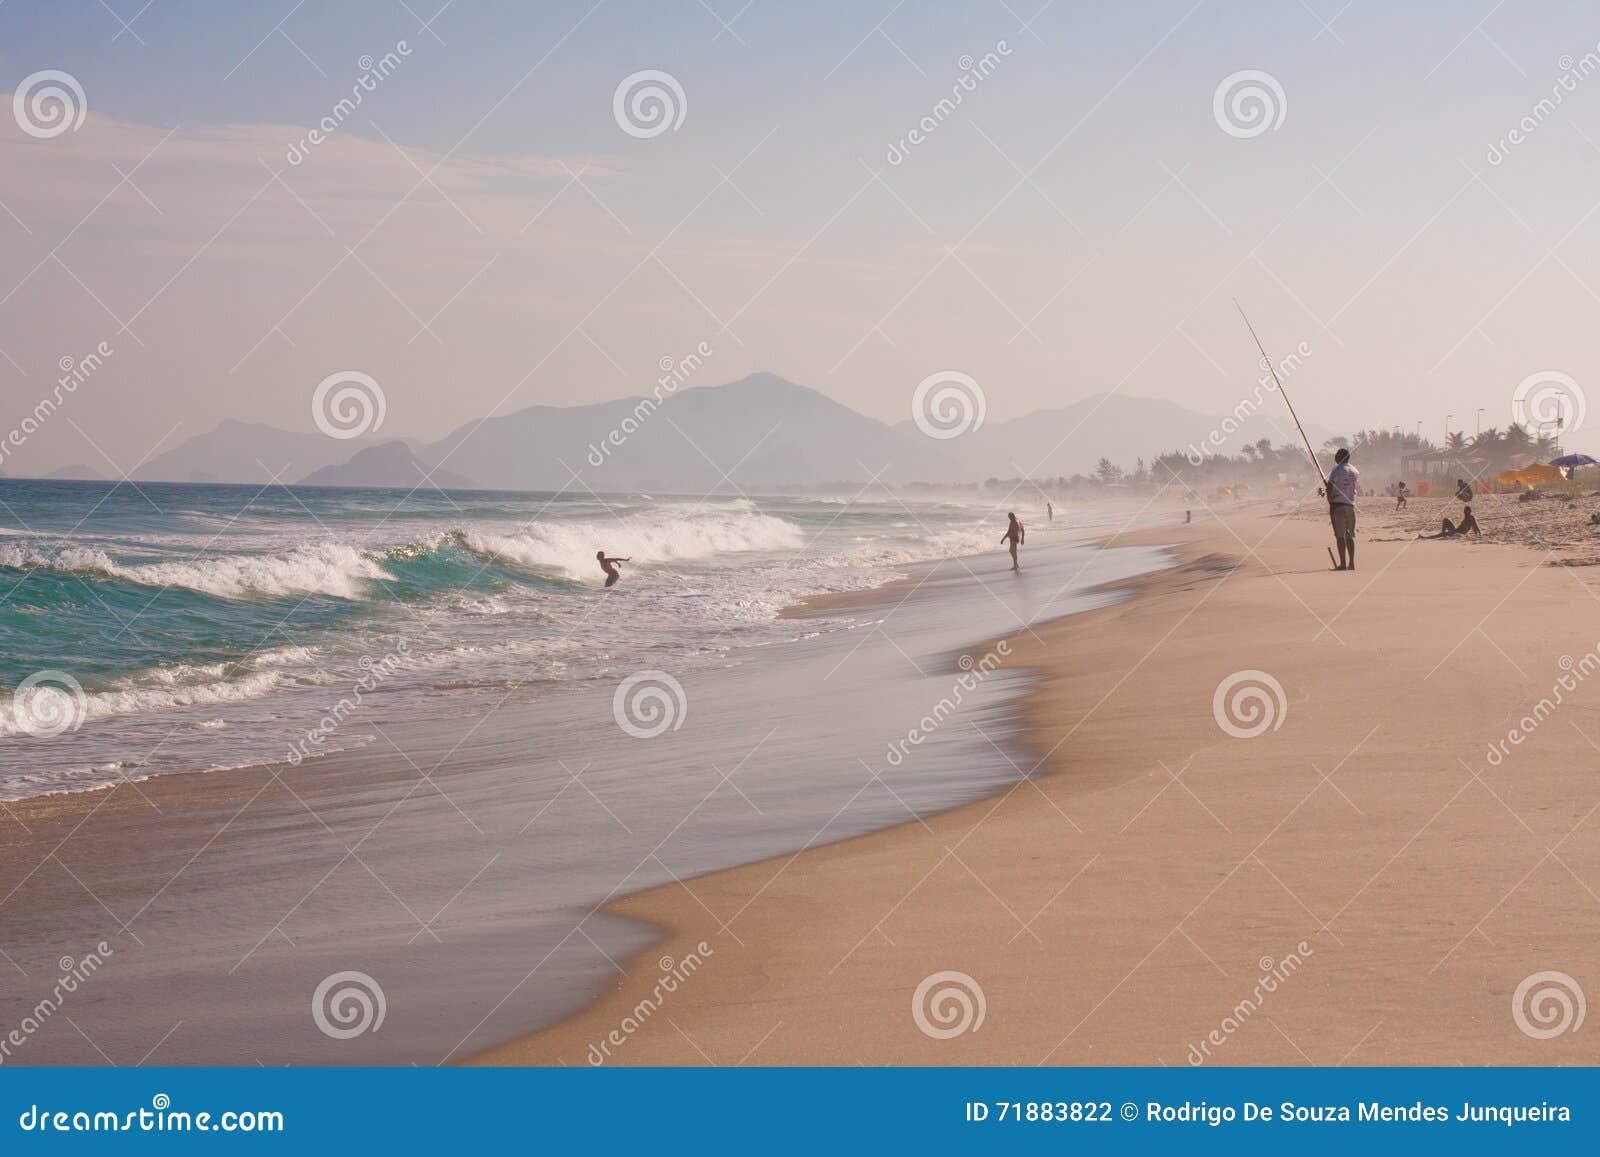 Reserva plaża W Rio De Janeiro